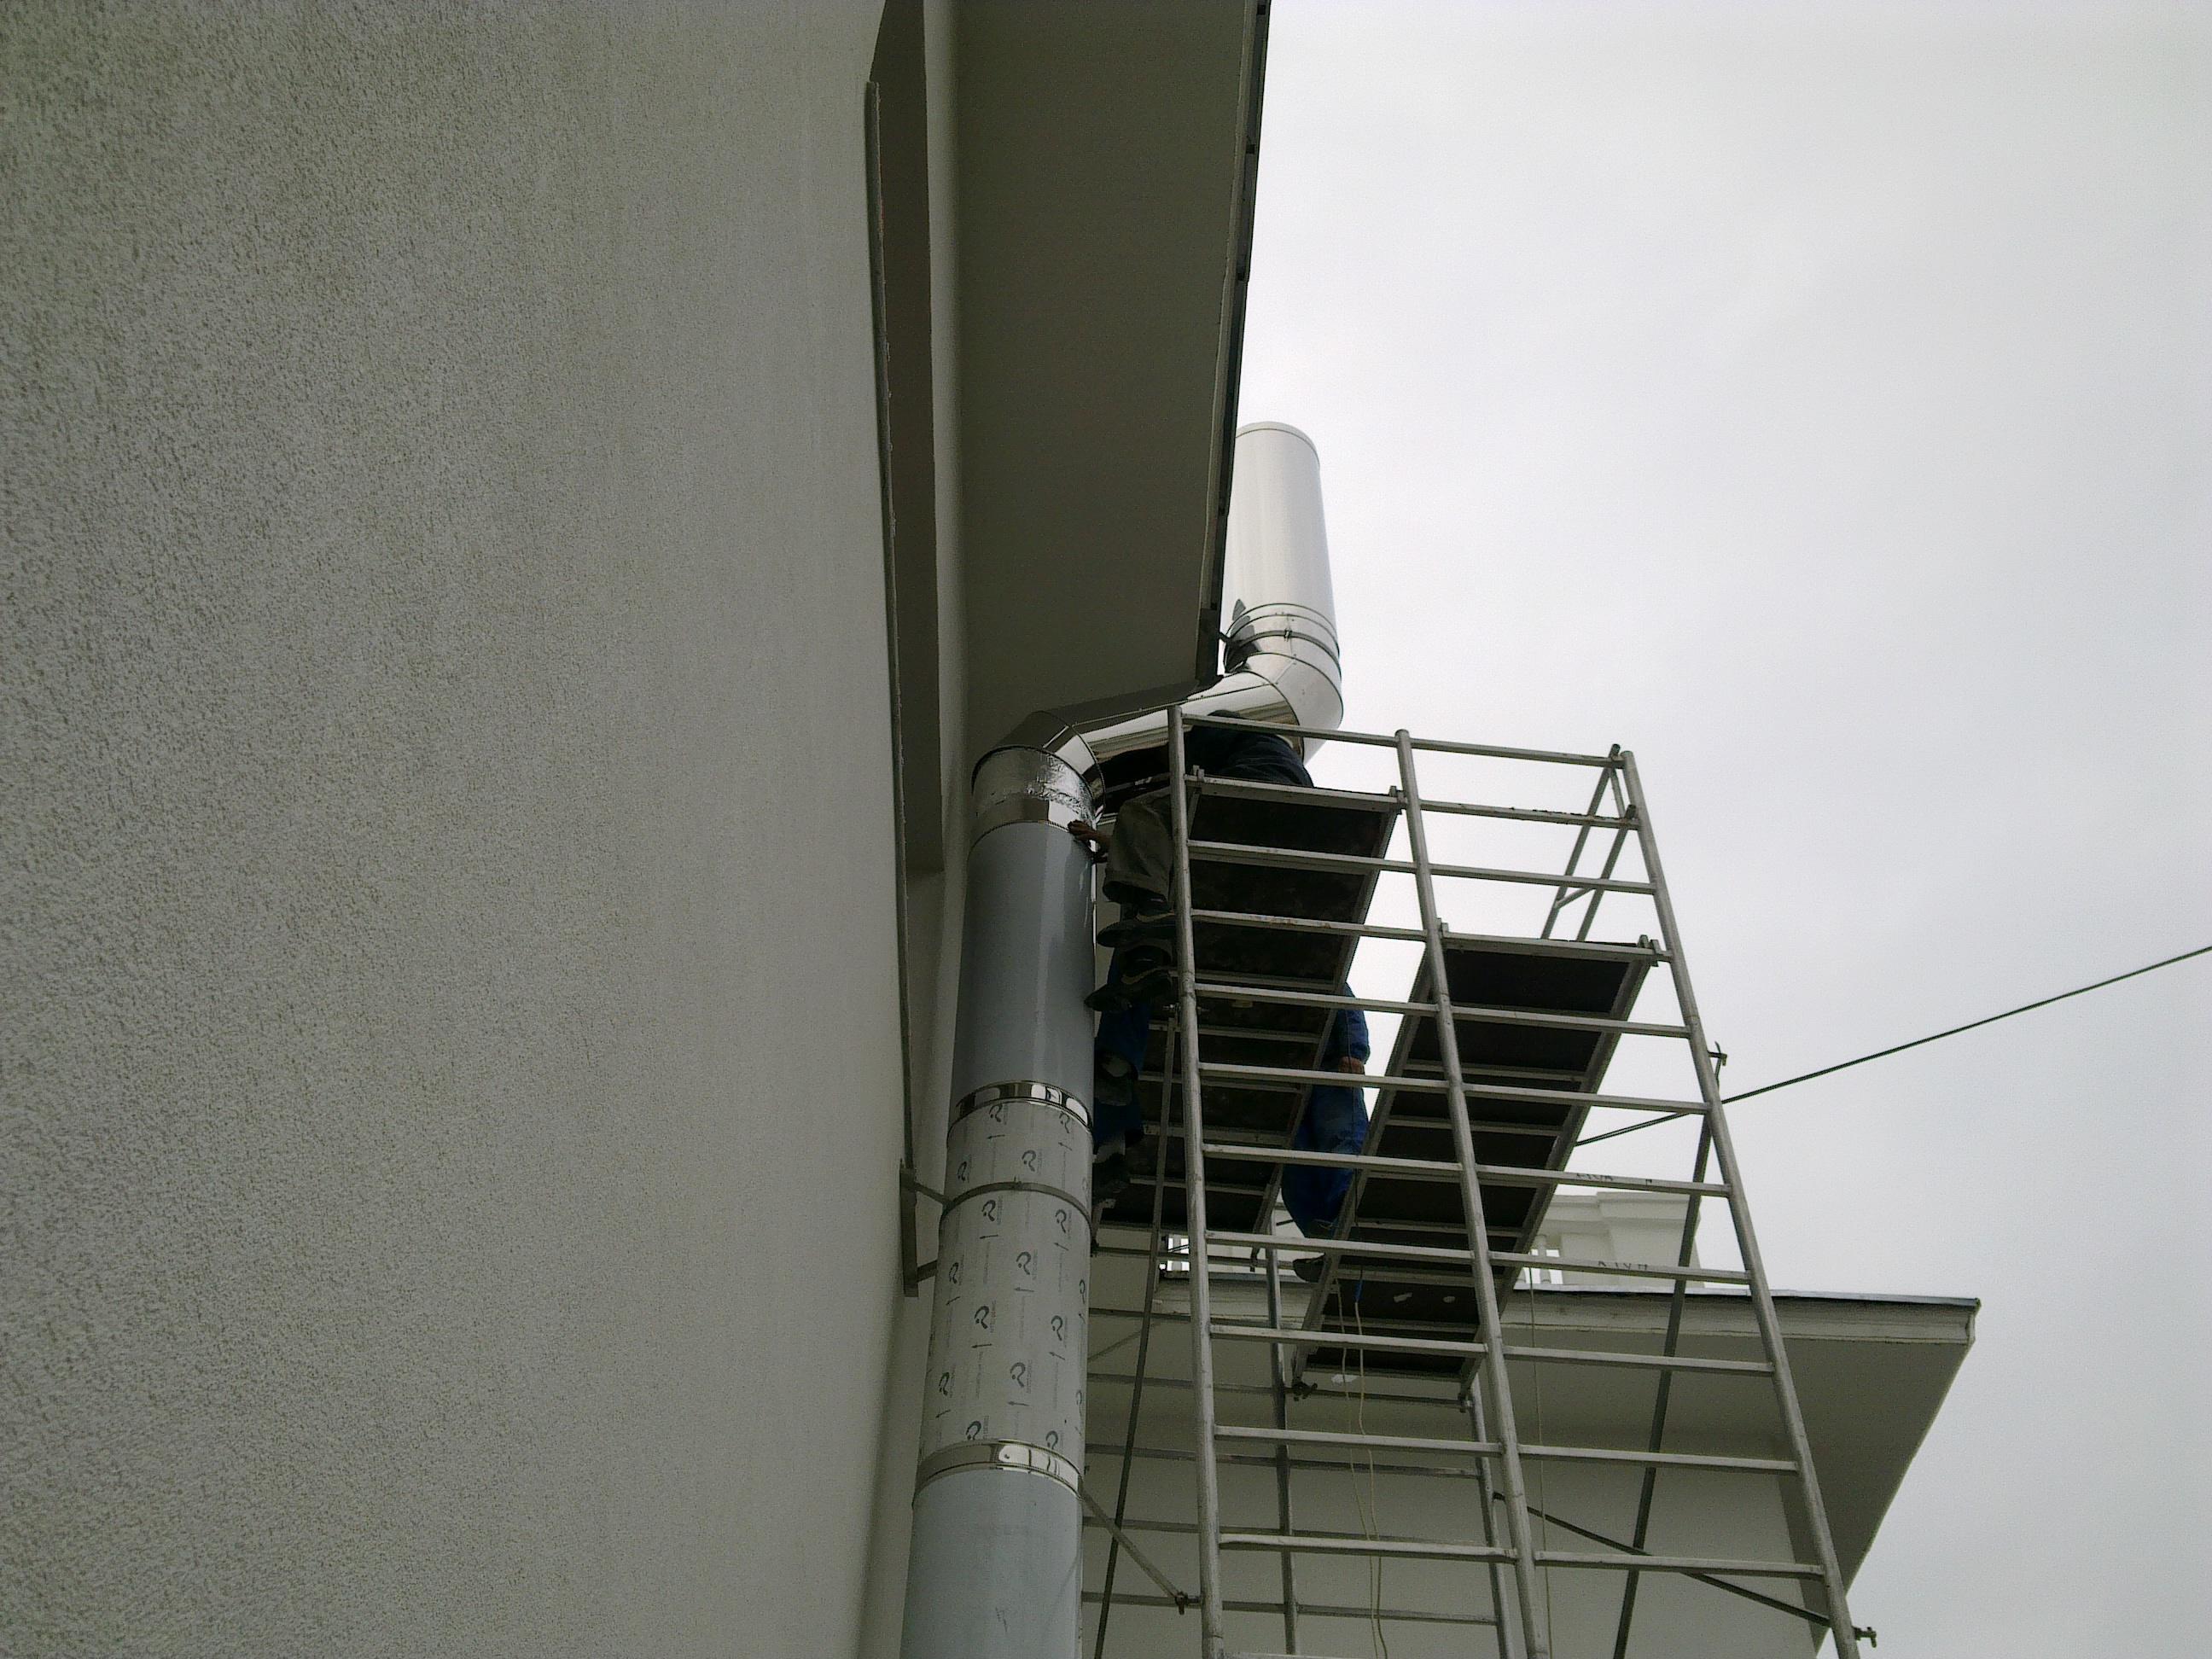 Cosuri de fum executate AIVA - Poza 1